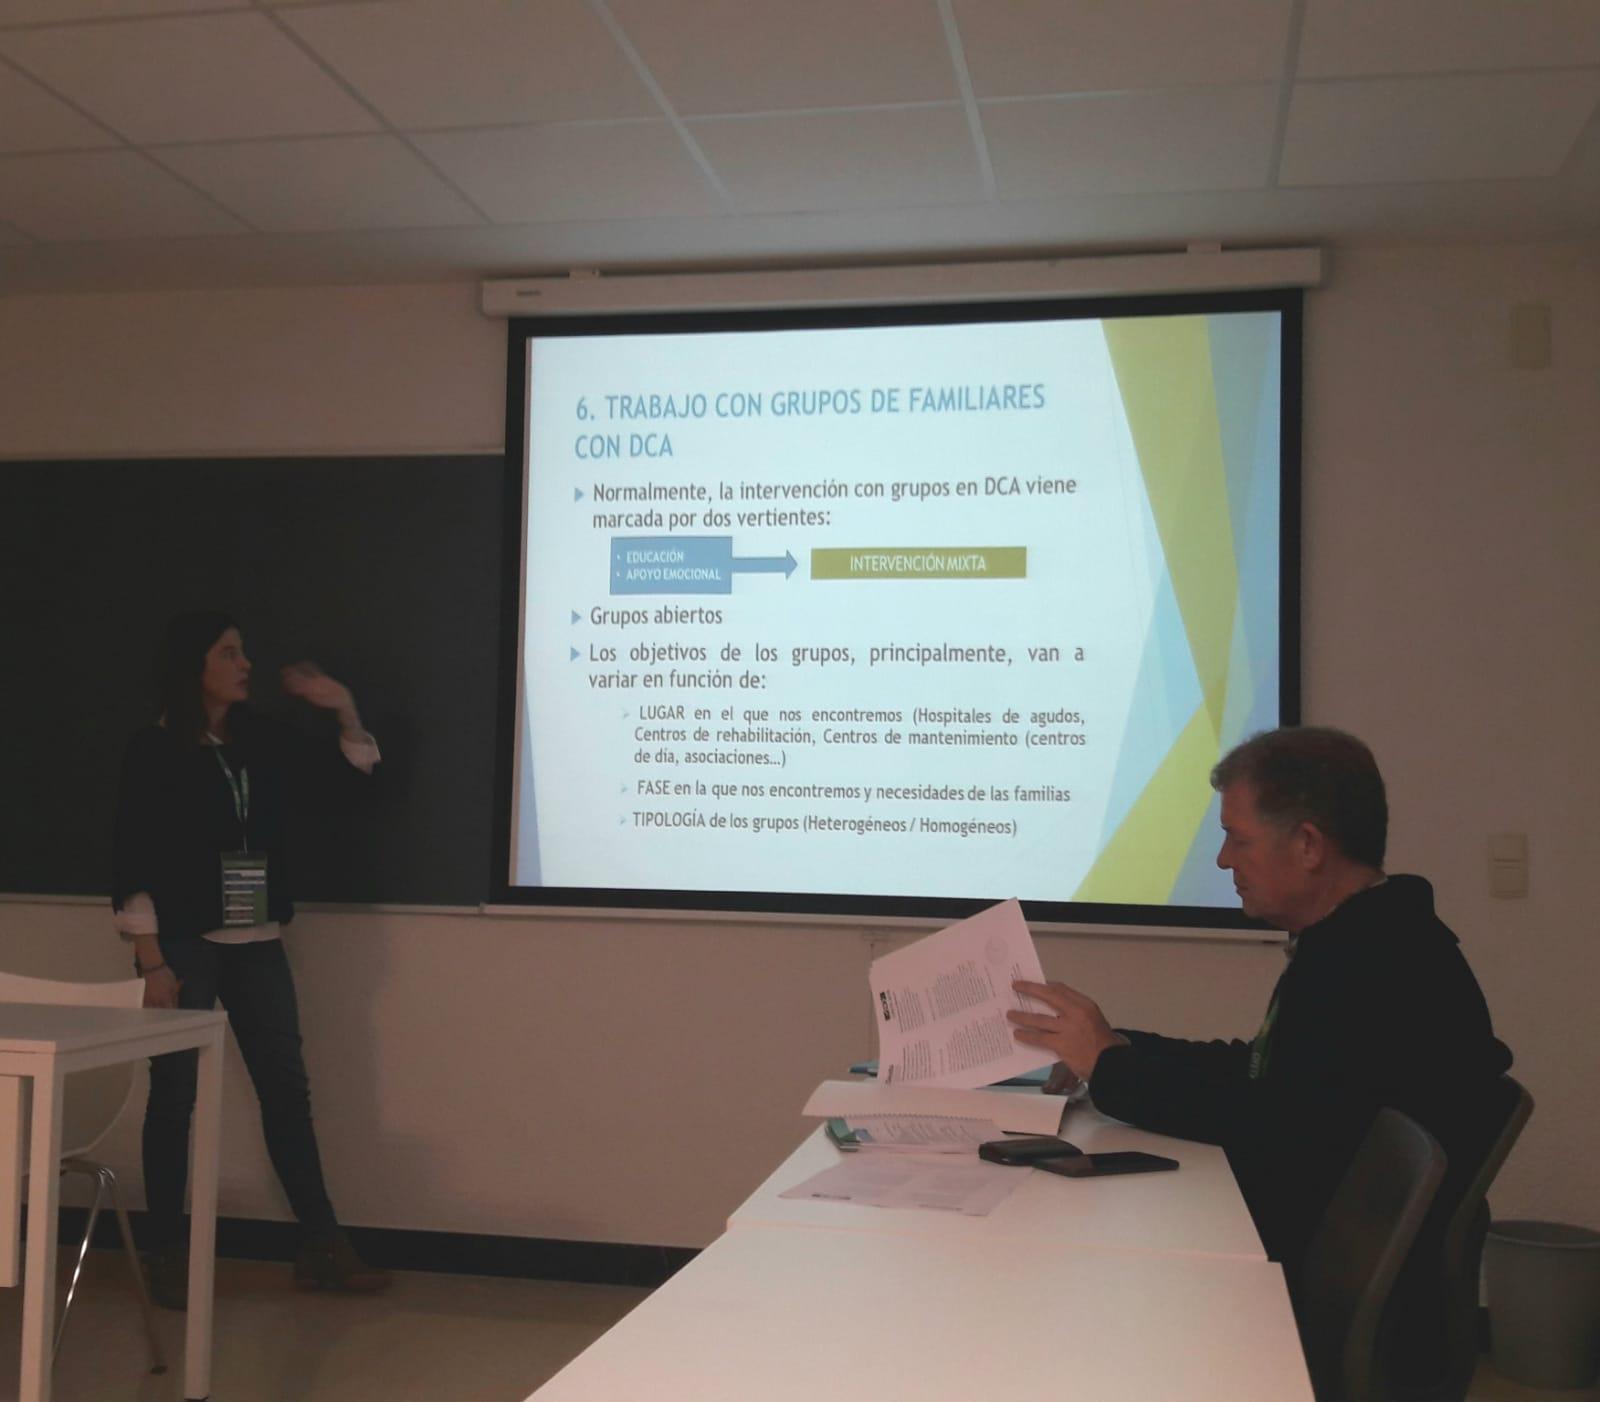 La Clínica San Vicente asiste al Congreso de Trabajo Social en la Universidad de Deusto en Bilbao